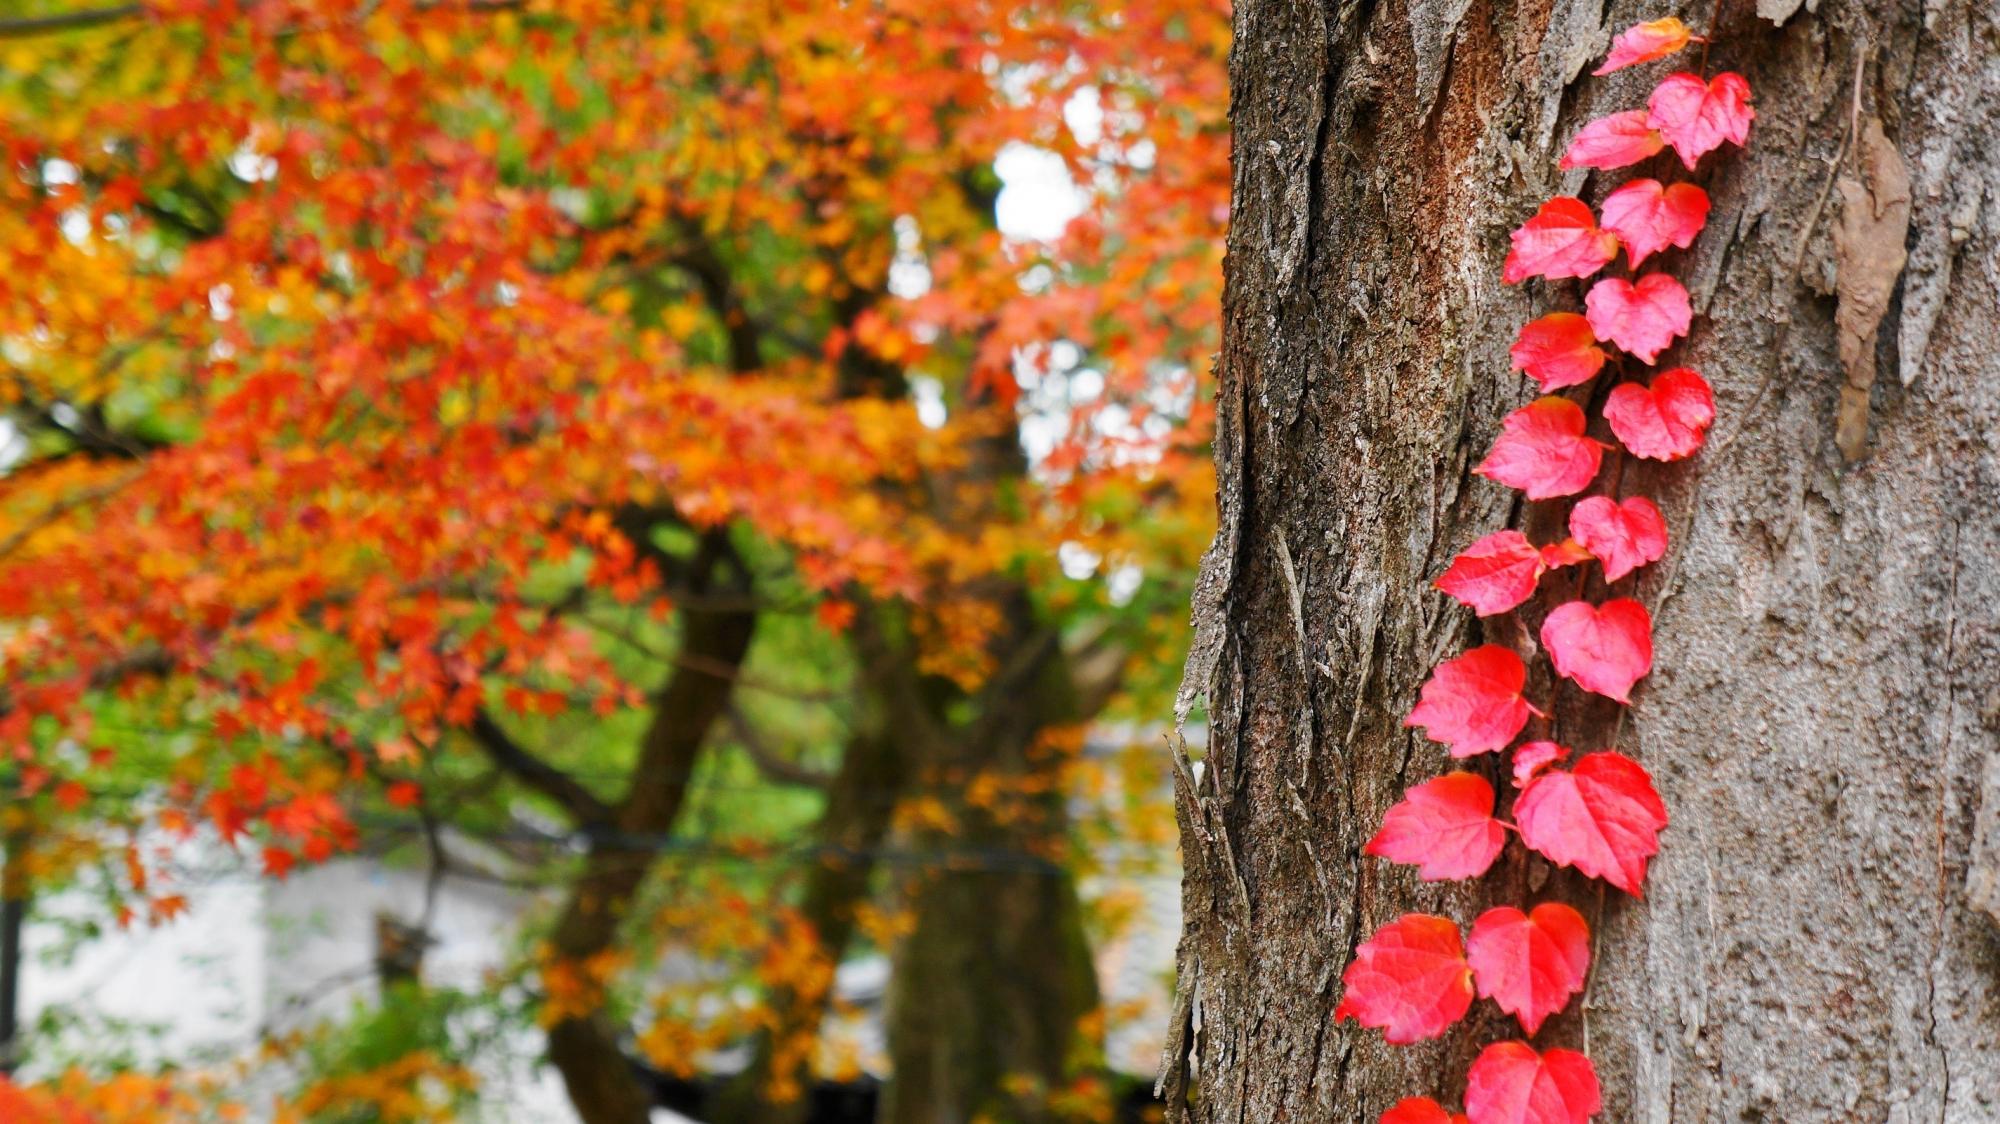 京都八坂神社の本殿付近の可愛い植物の紅葉